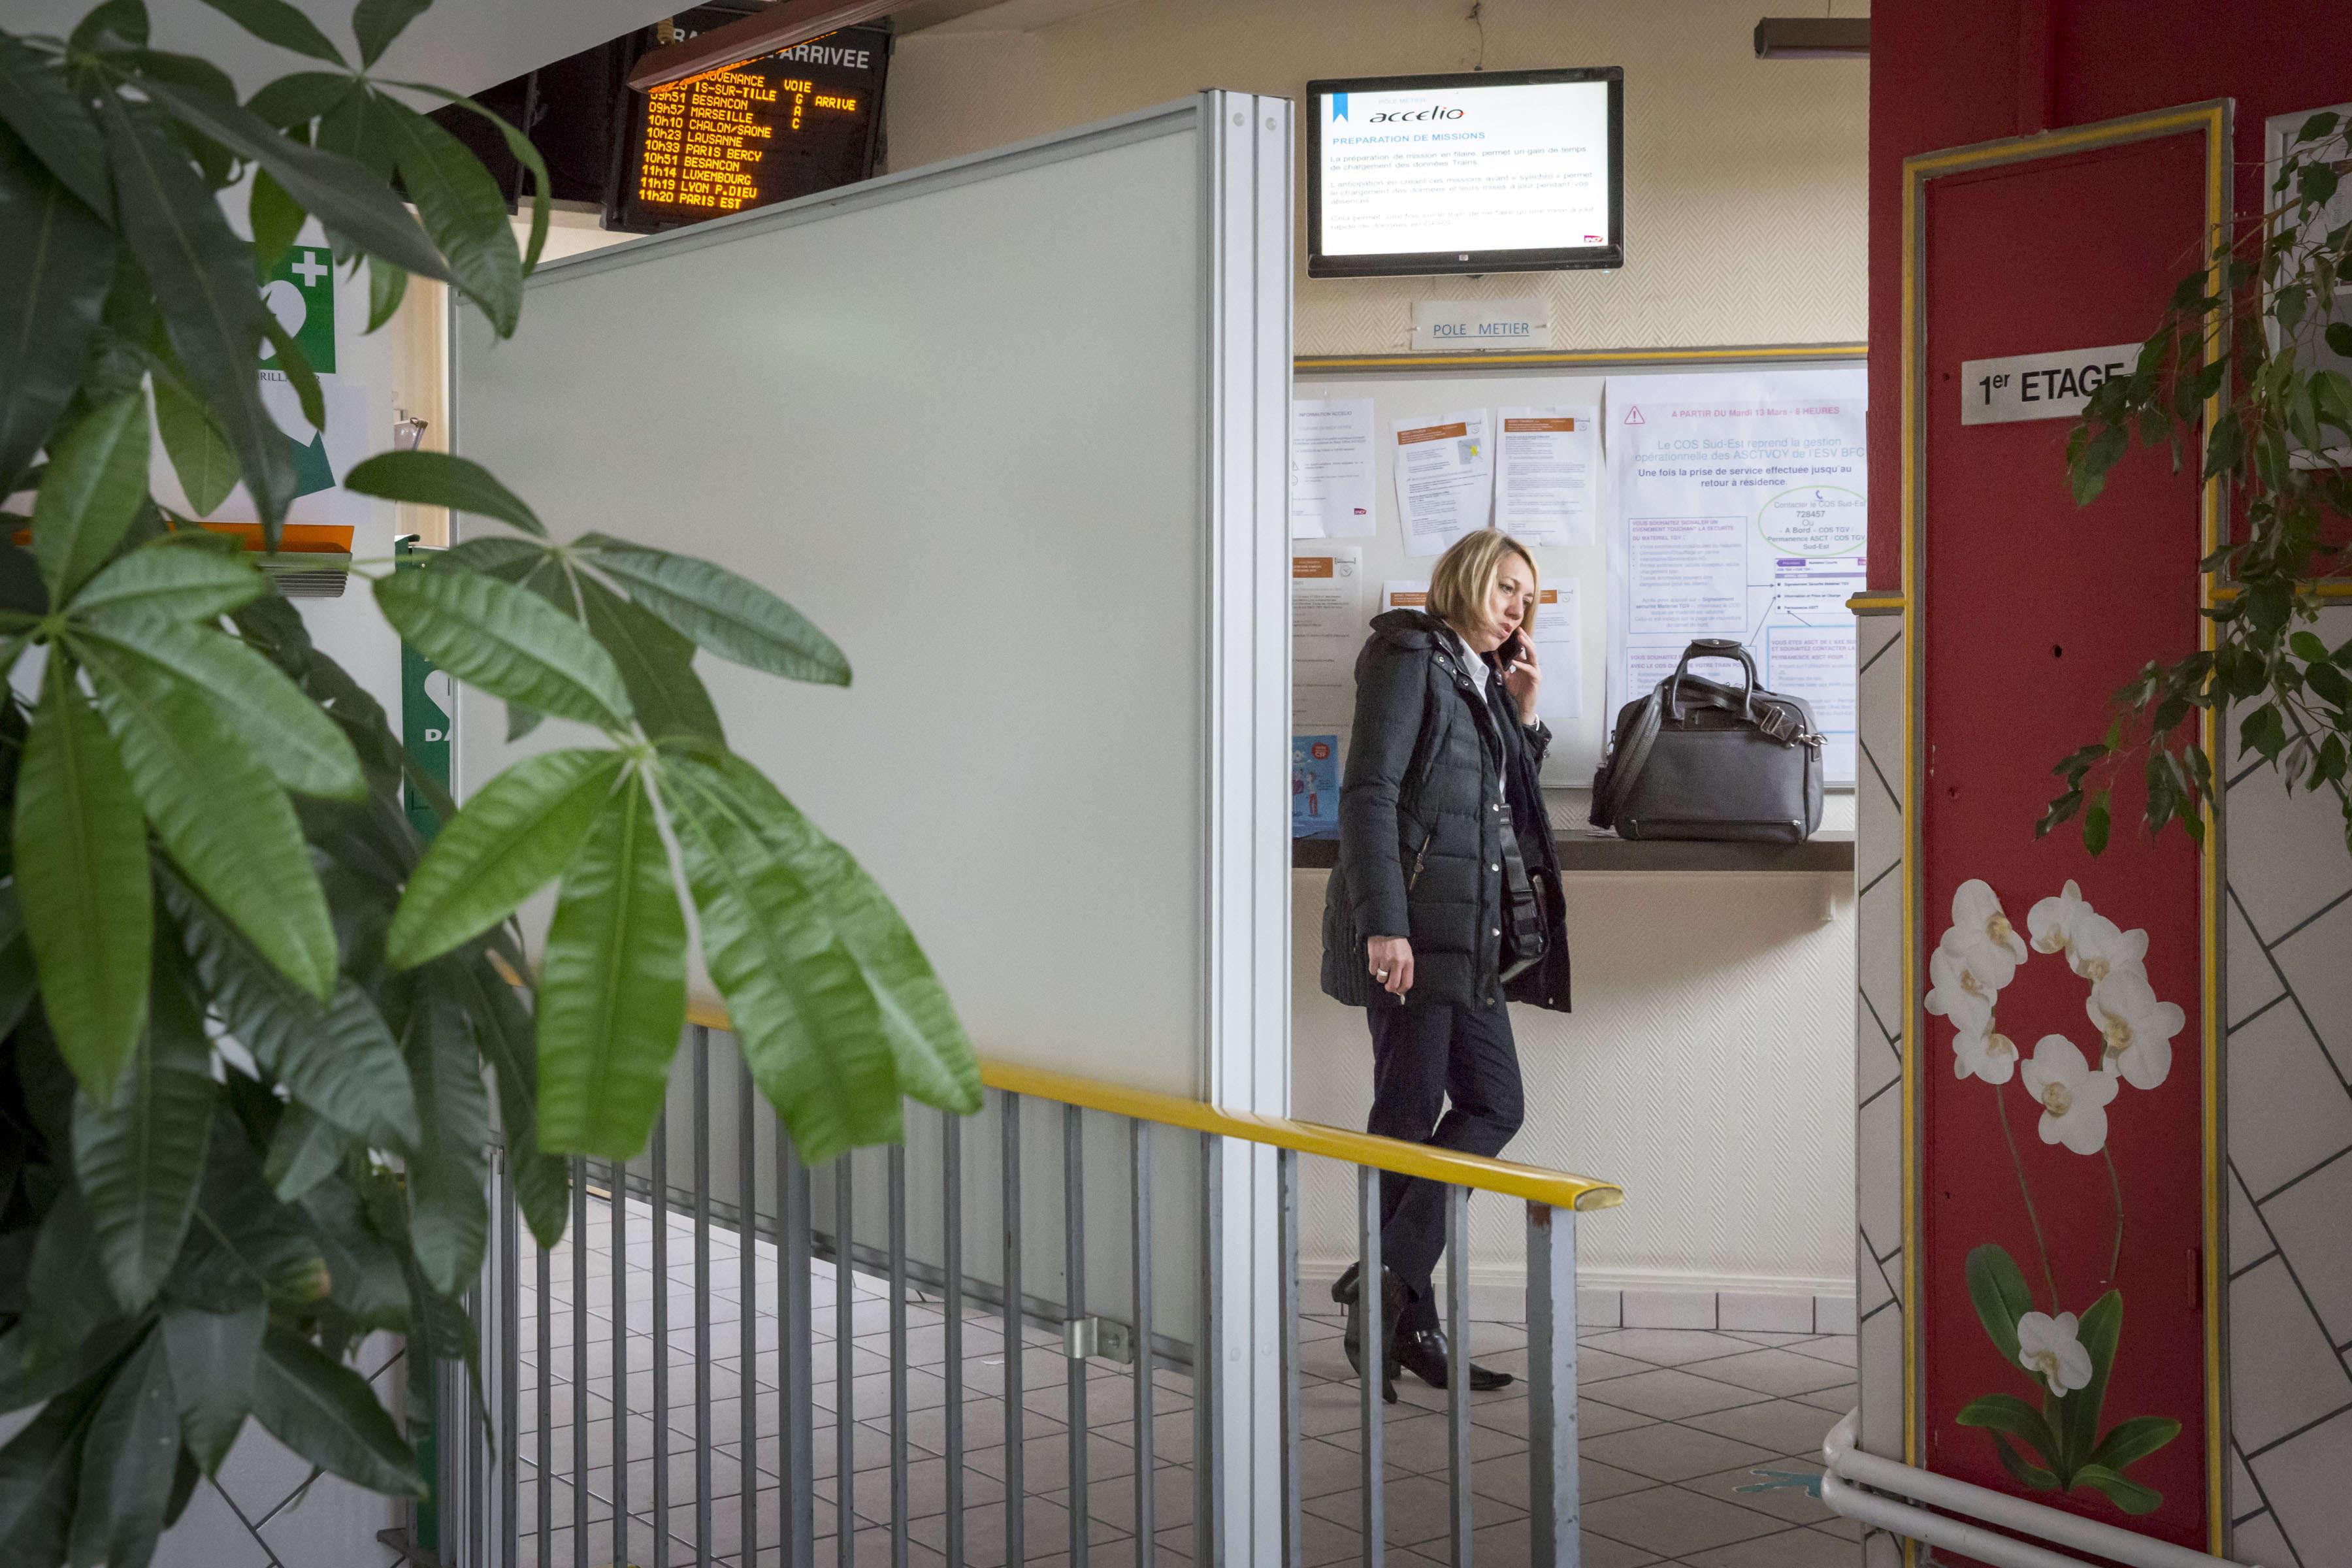 Après un service de près de vingt heures, Frédérique appelle sa fille, après avoir réalisé son versement, c'est-à-dire déposél'argent encaissé dans les trains durant quatre jours, soit 746euros, «une petite tournée».